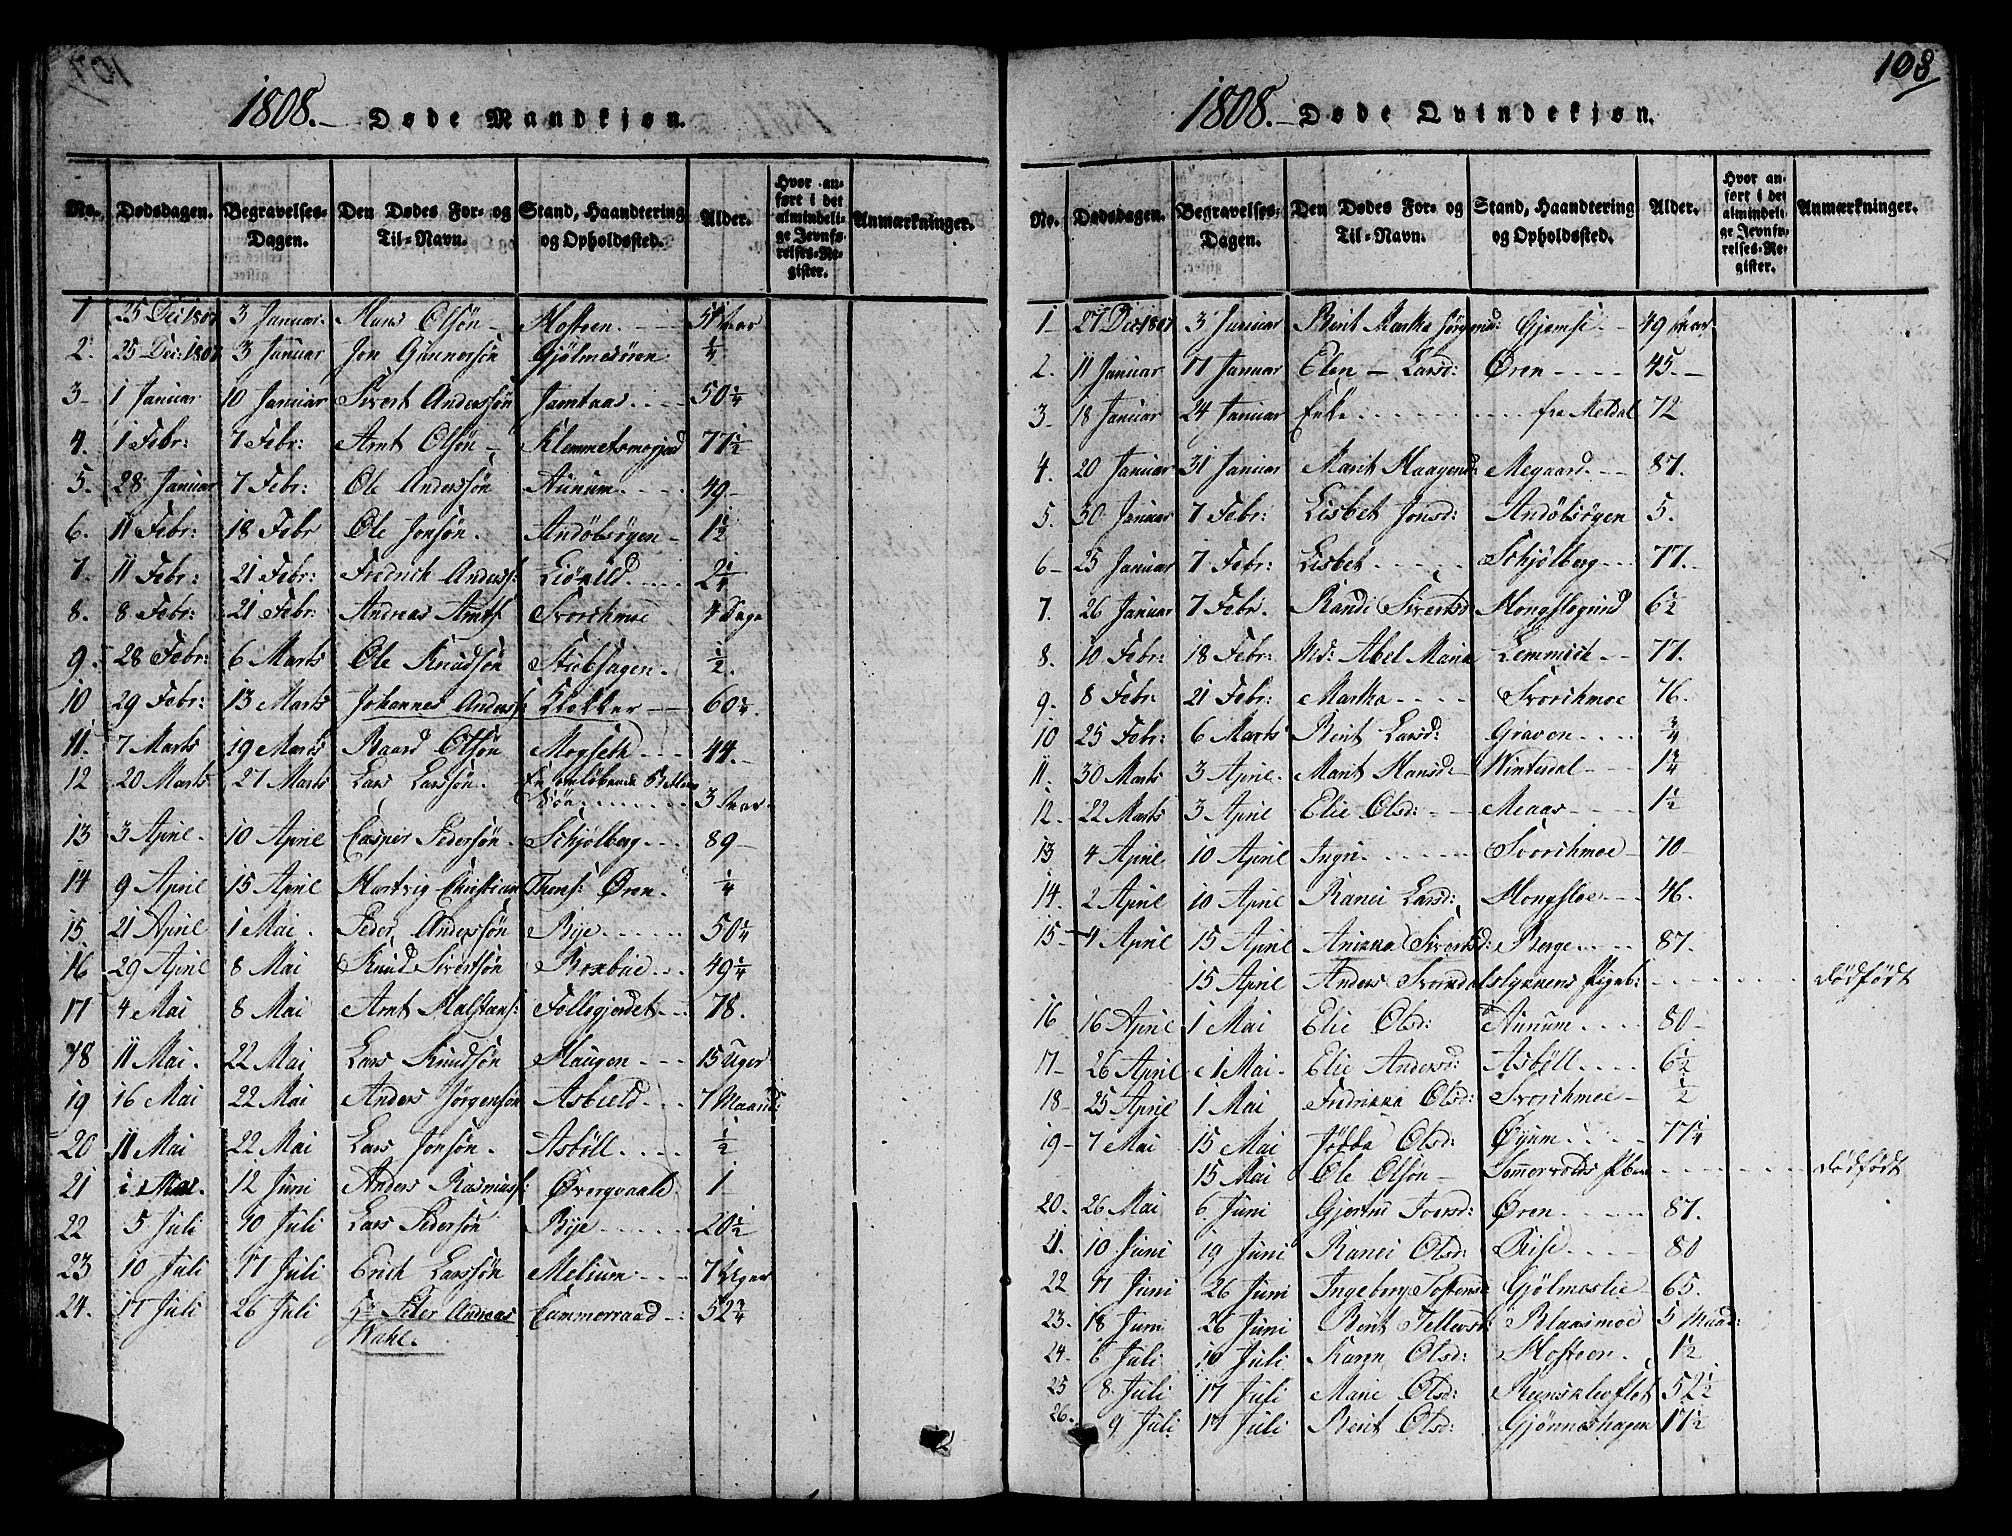 SAT, Ministerialprotokoller, klokkerbøker og fødselsregistre - Sør-Trøndelag, 668/L0803: Ministerialbok nr. 668A03, 1800-1826, s. 108